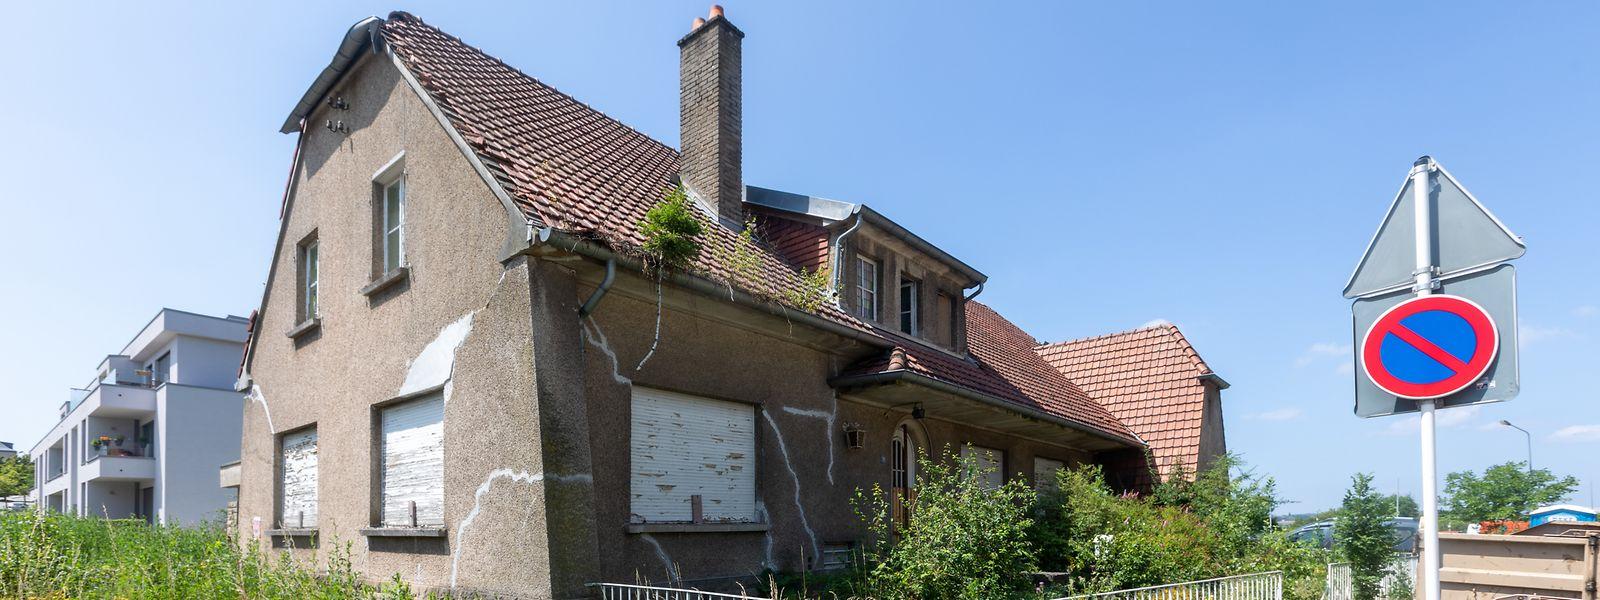 La maison située le long de la rue Verte dans la capitale illustre, selon les membres du mouvement 'Koalitioun Wunnrecht', les manquements de la politique actuelle du logement.